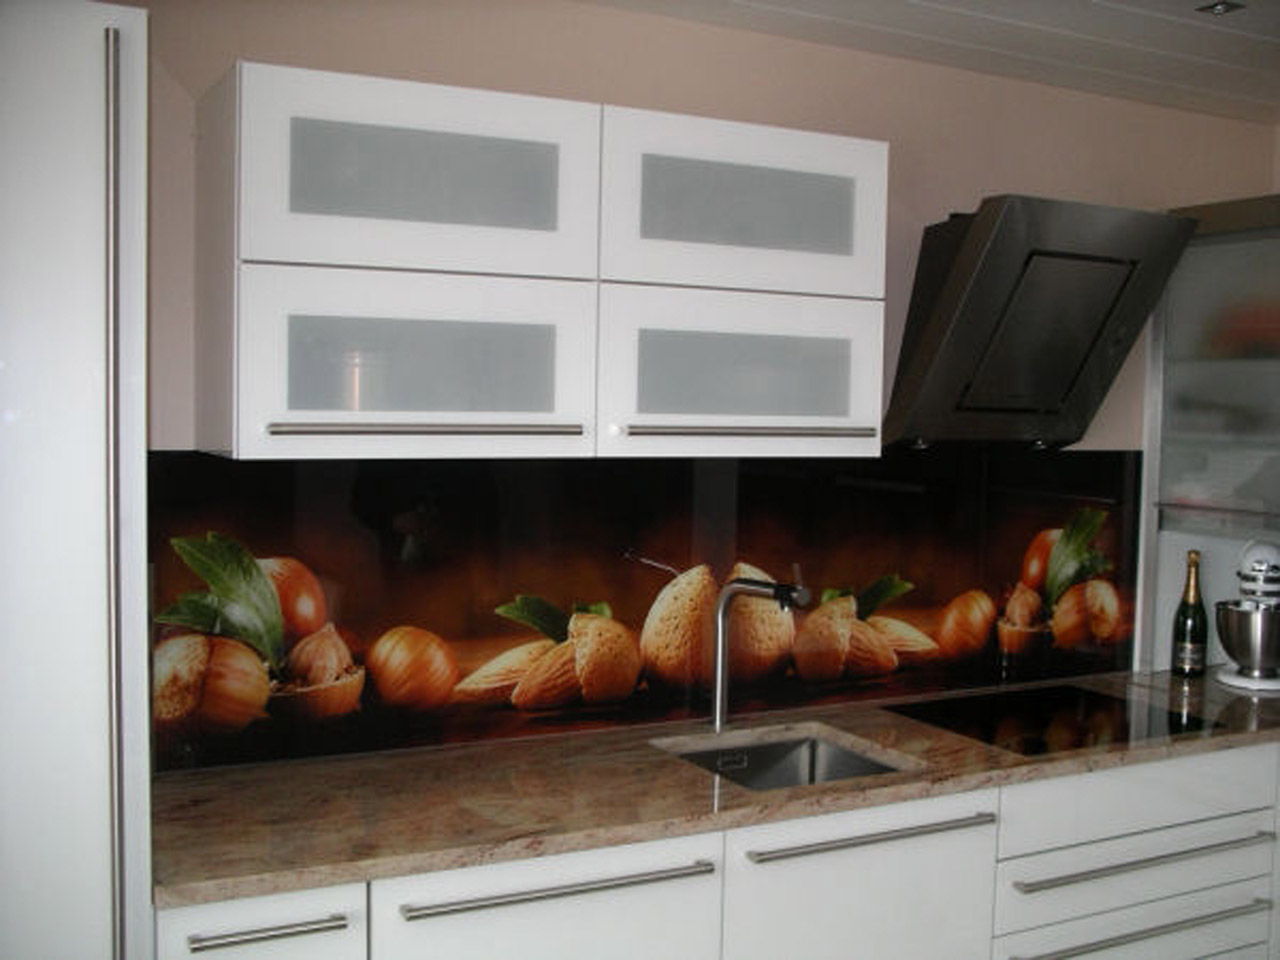 Küchenrückwand Glas München glasrückwand küche mit motiv küchenrückwand glas